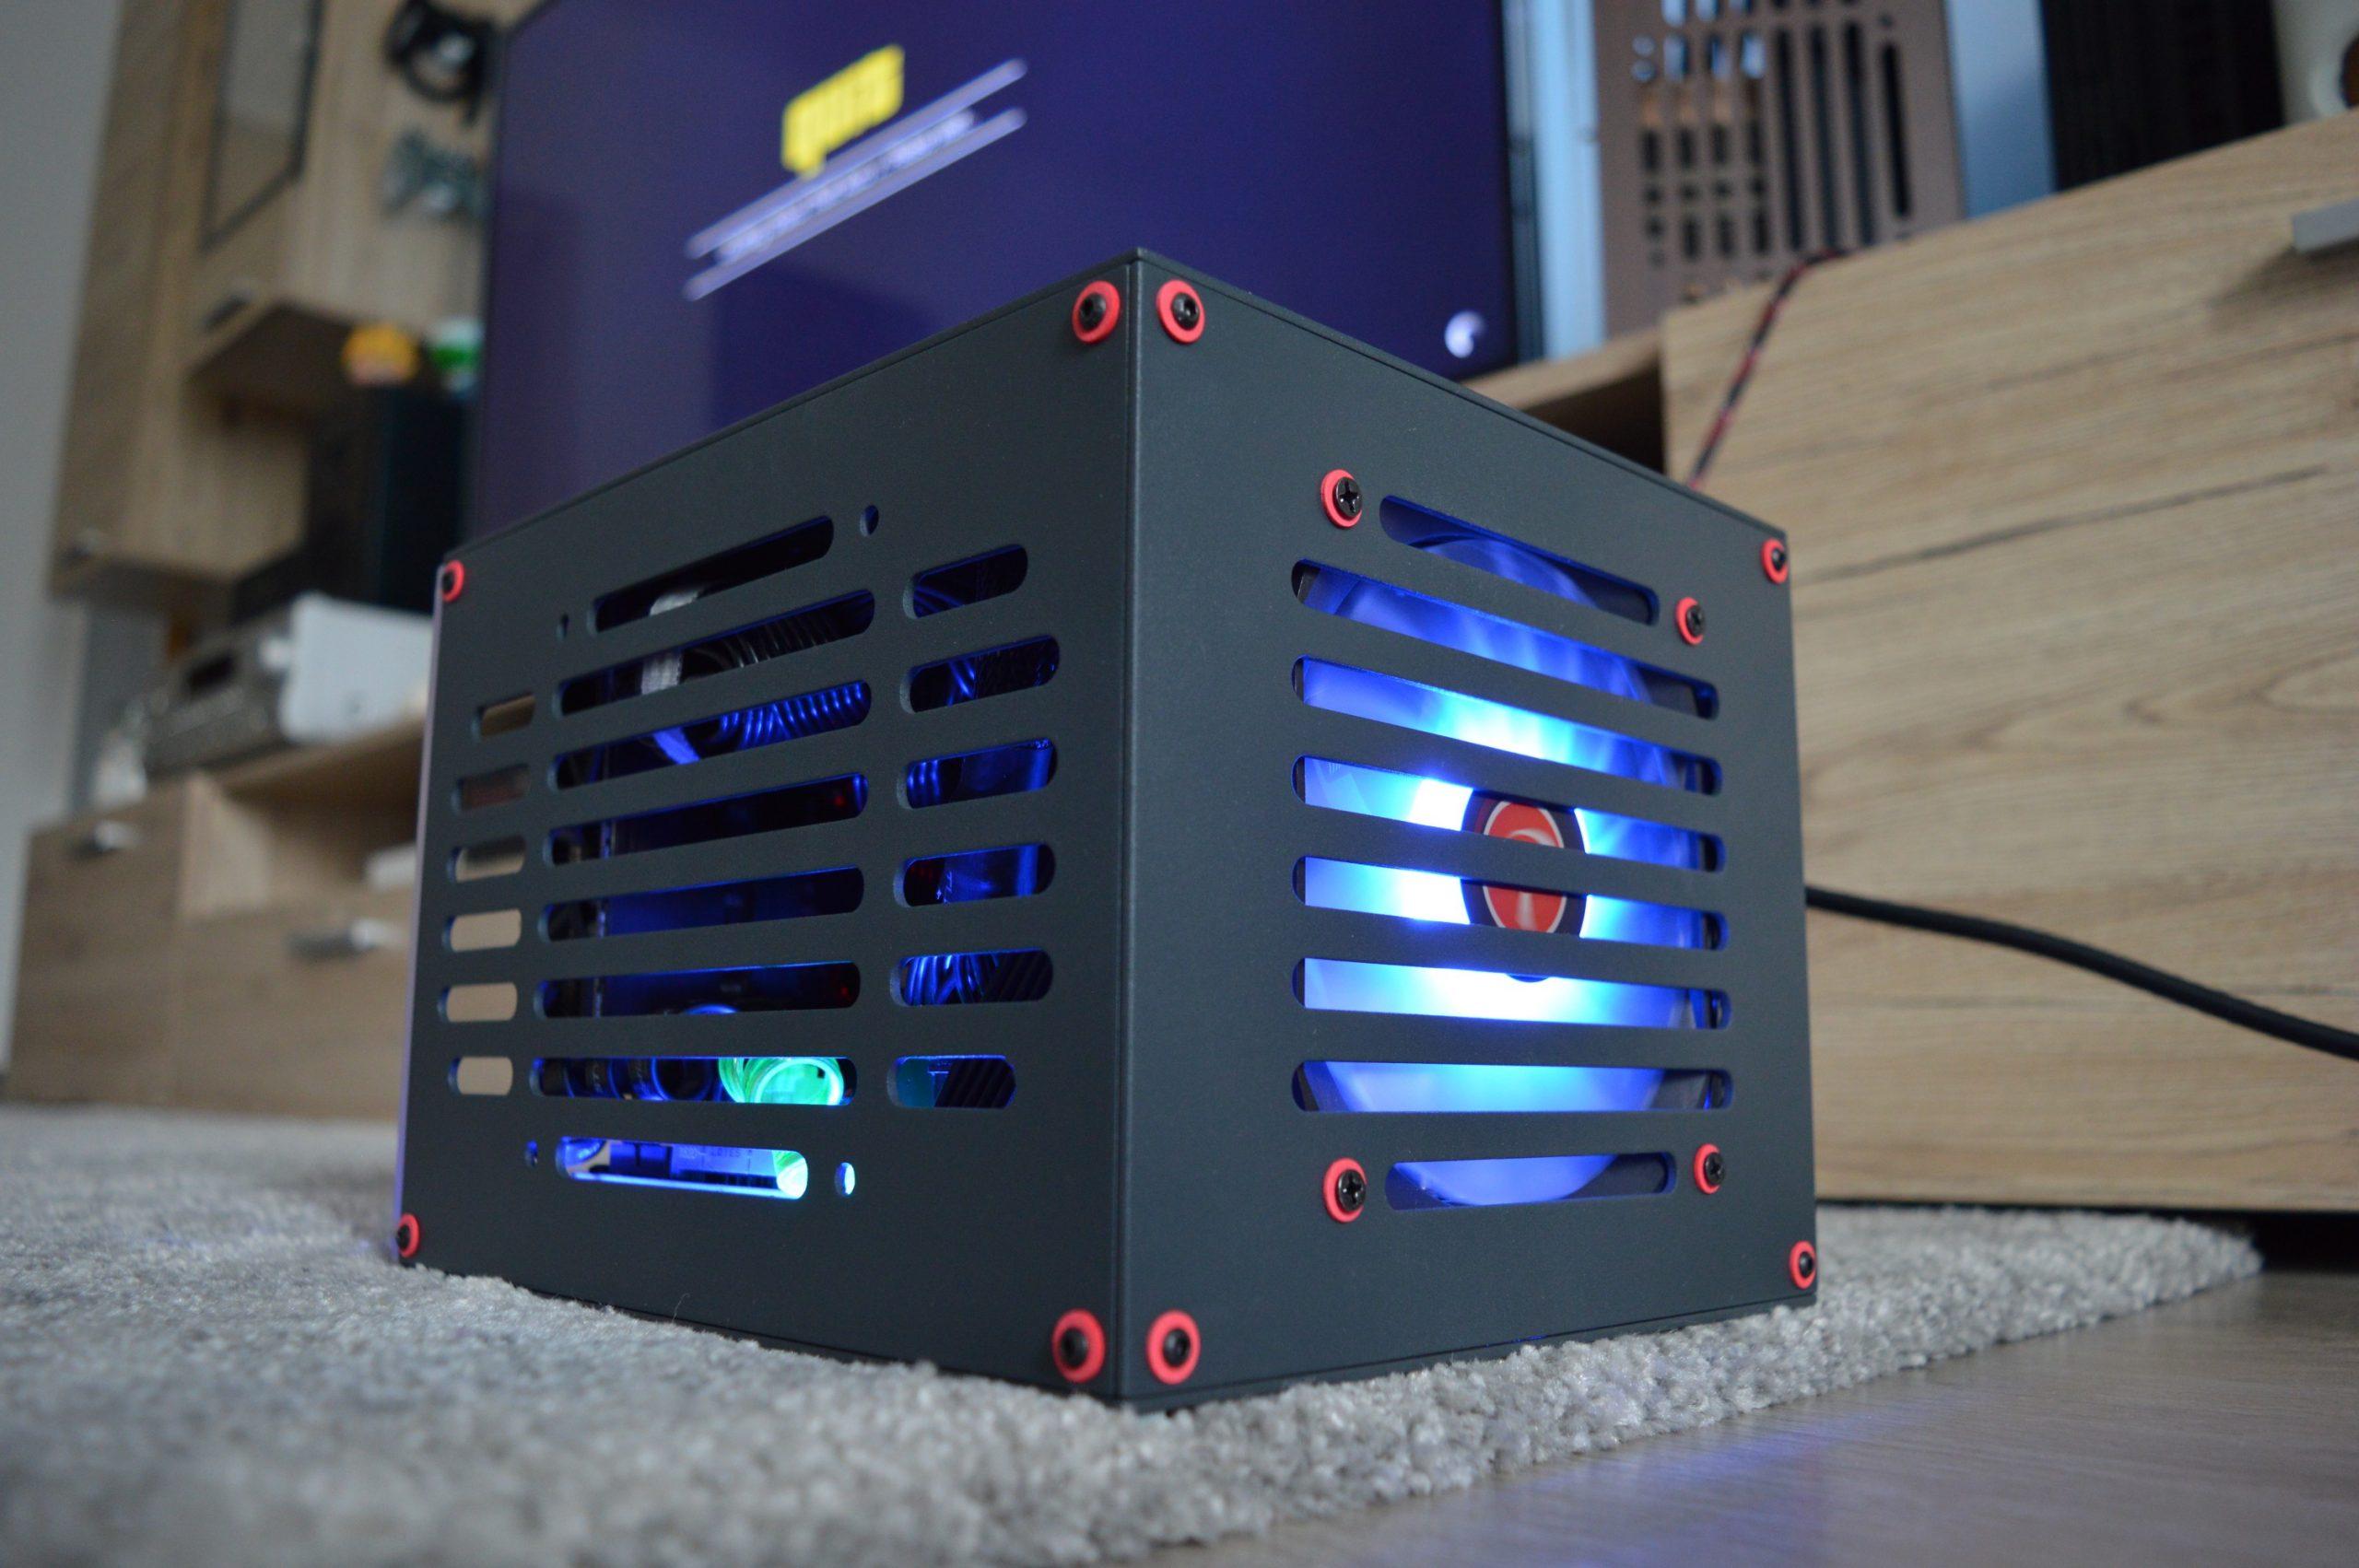 GTX 1070 RGB 13